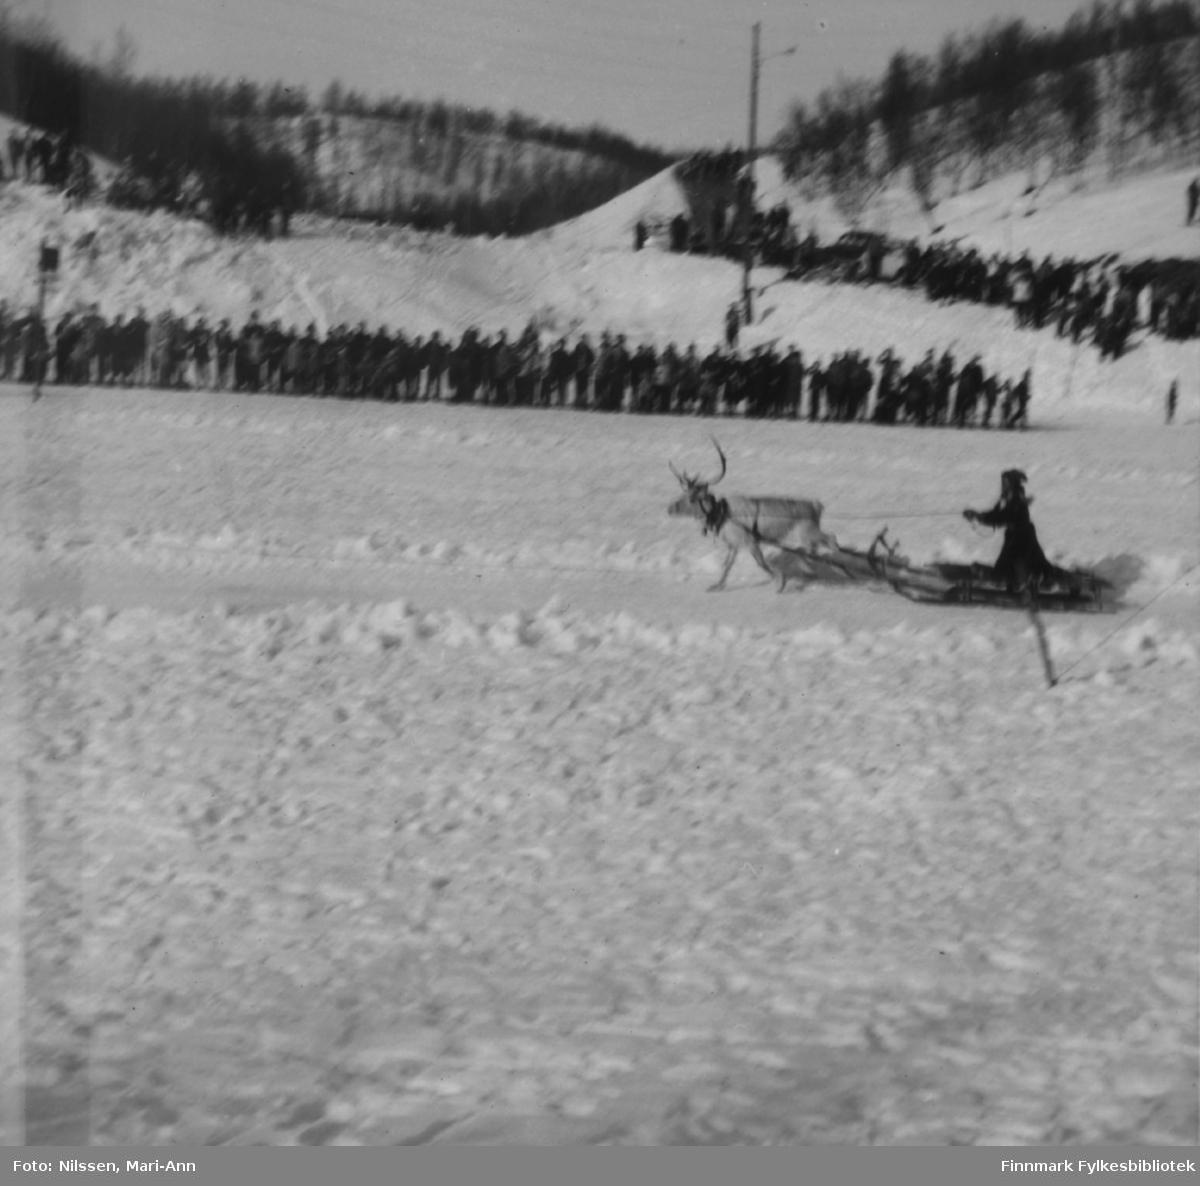 Katrine Jefremoff fra Sevettijärvi under reinkappkjøring på elveisen ved fjellstua i Neiden, 1964. Katri vant kvinneklassen dette året. Det var rene folkefesten i Neiden under reinkappkjøringene som ble arrangert på 1950- og 1960-tallet